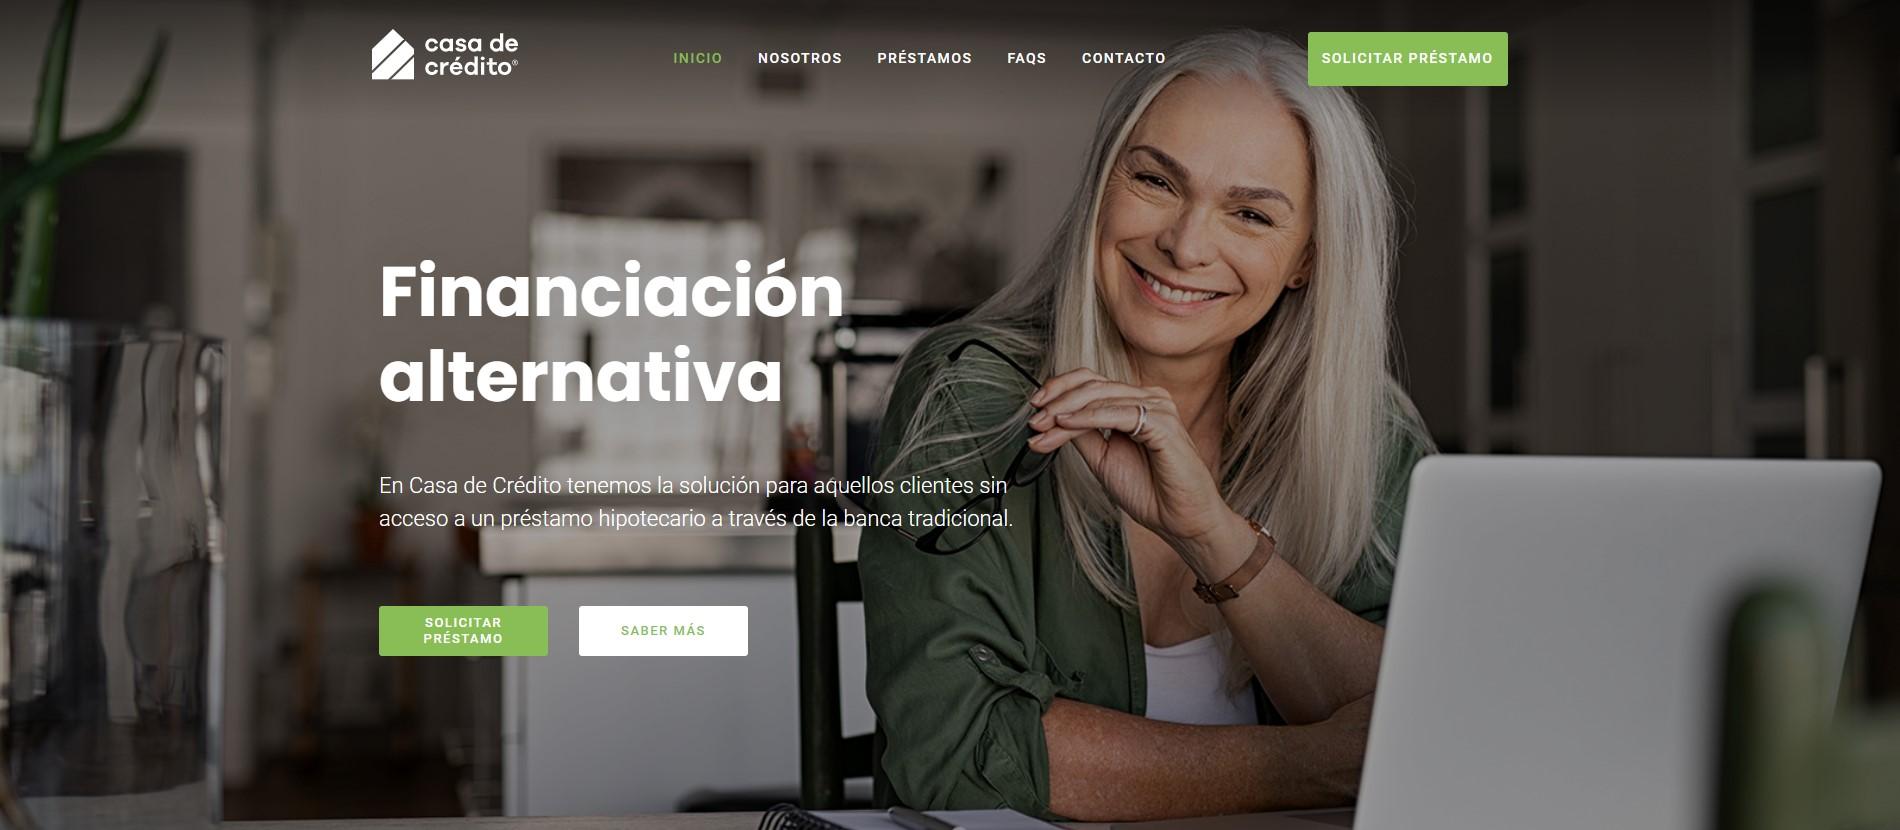 Nueva web - Casa de Crédito